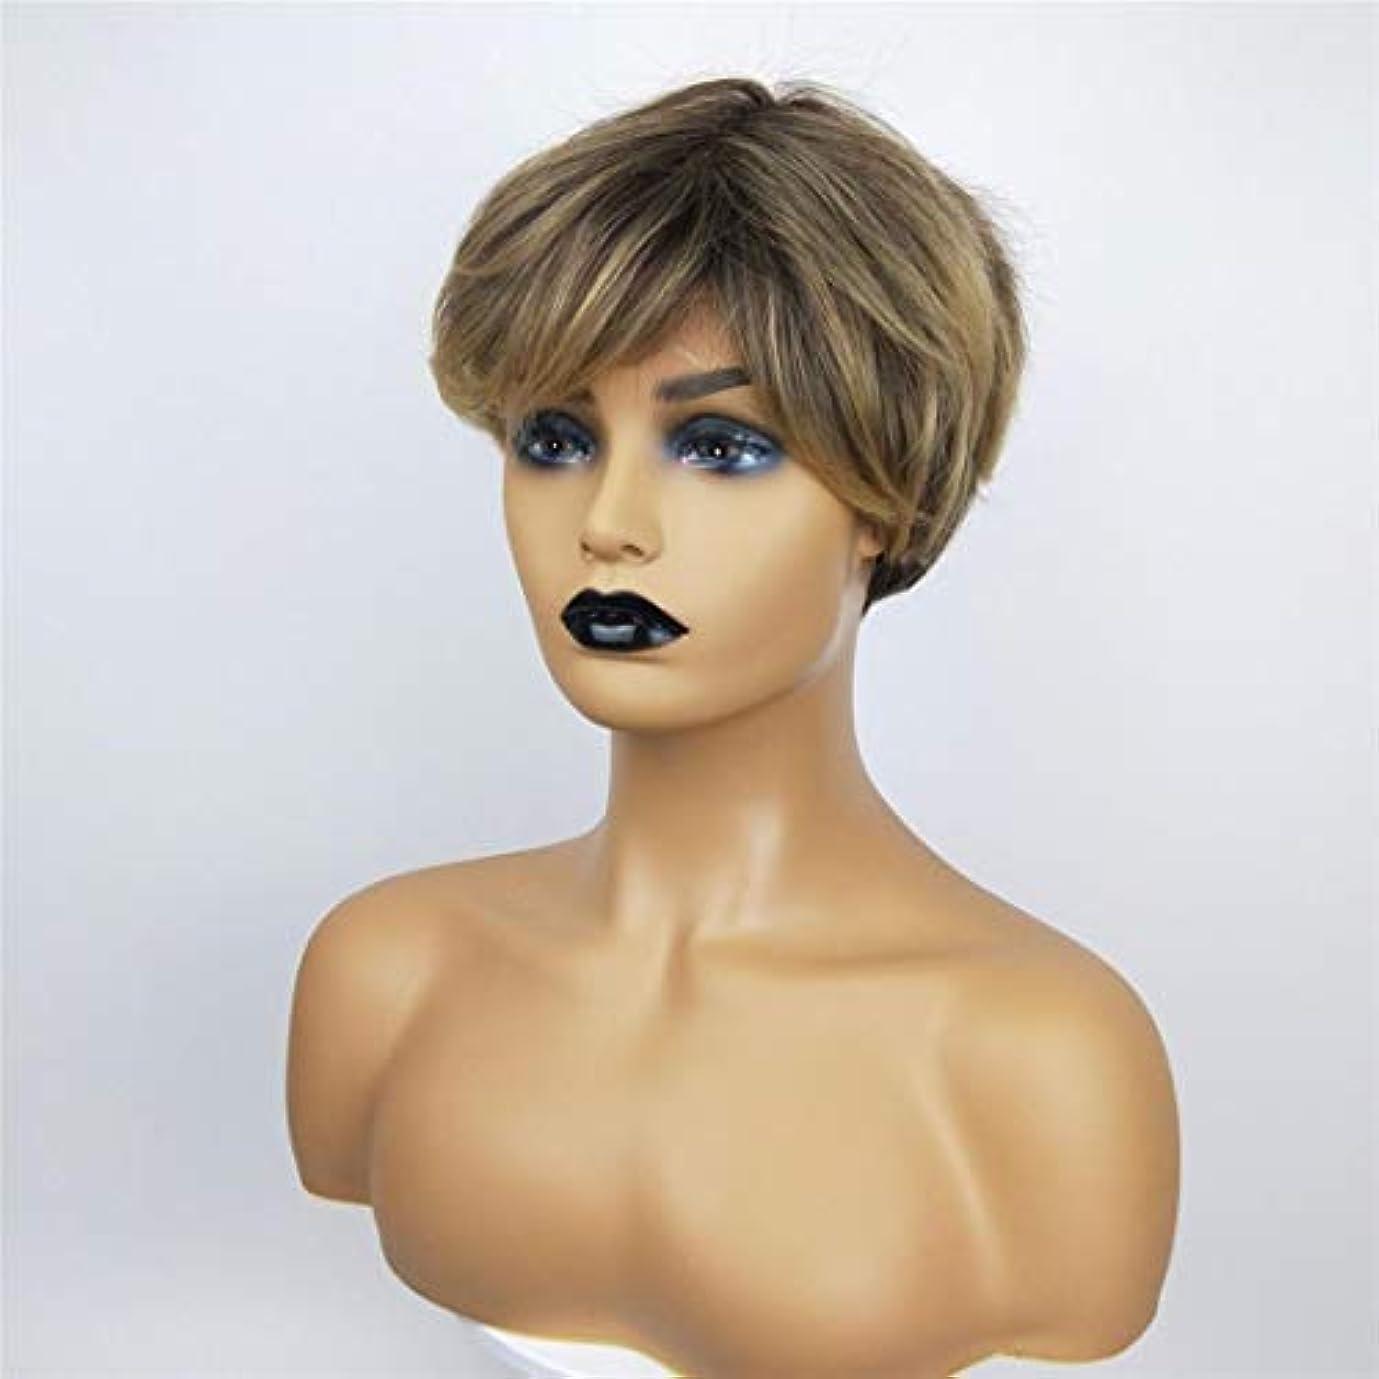 環境に渡って半球Summerys 女性のための短い巻き毛のかつら高温シルクケミカルファイバーウィッグヘッドギア